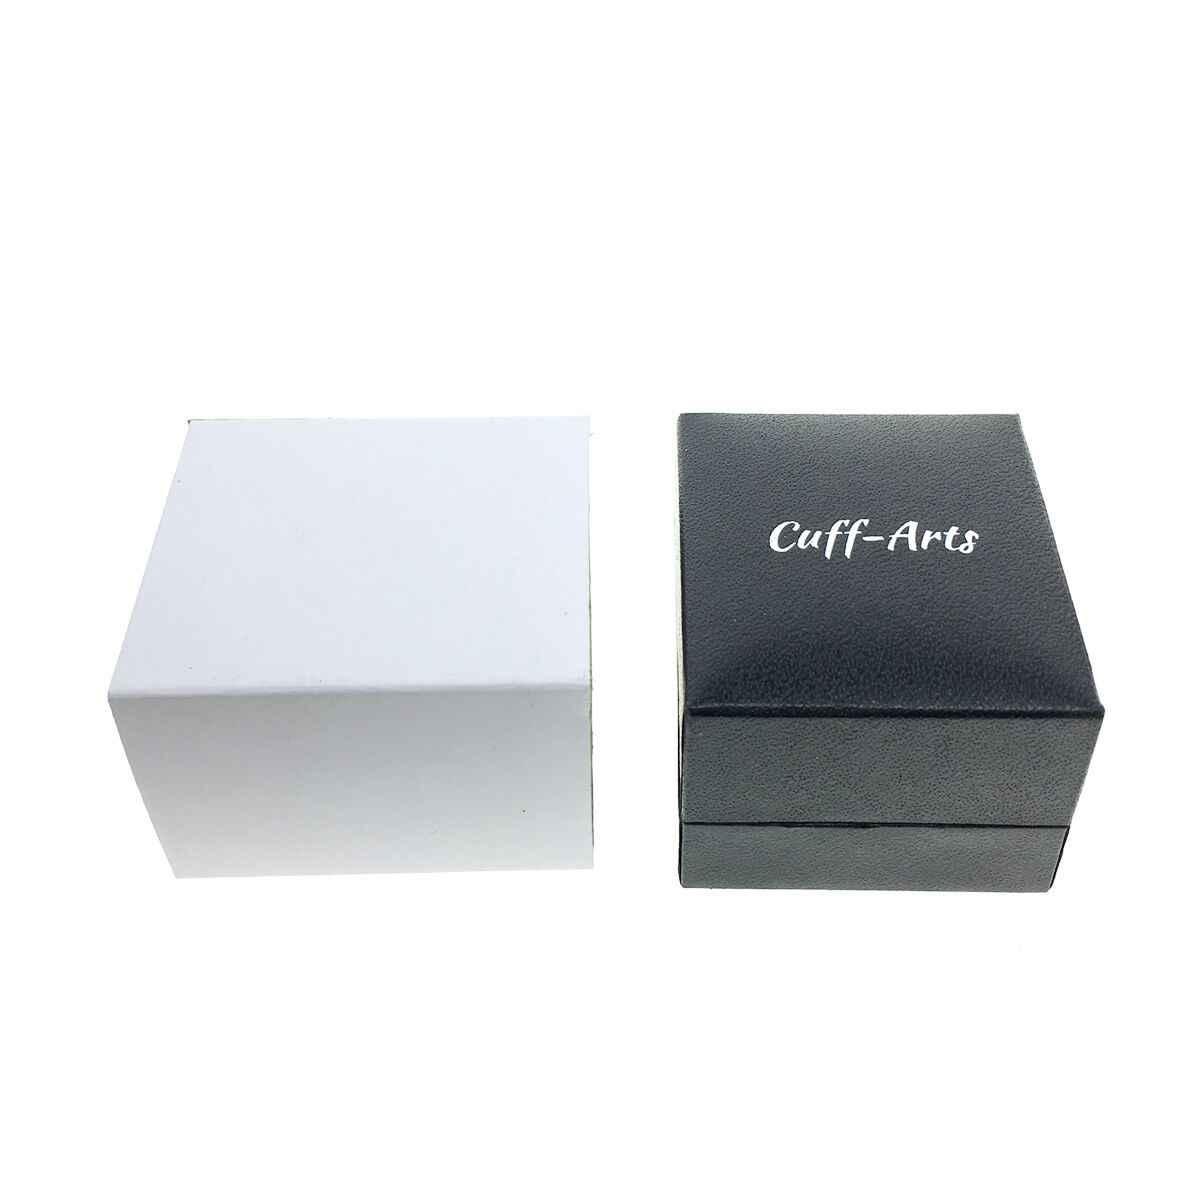 Kerah Pin untuk Pria Nautical Jangkar Rantai Lencana Bros Hijab Enamel Pin Brocade PUSHEEN dengan Kotak Hadiah dengan Cuffarts p10082